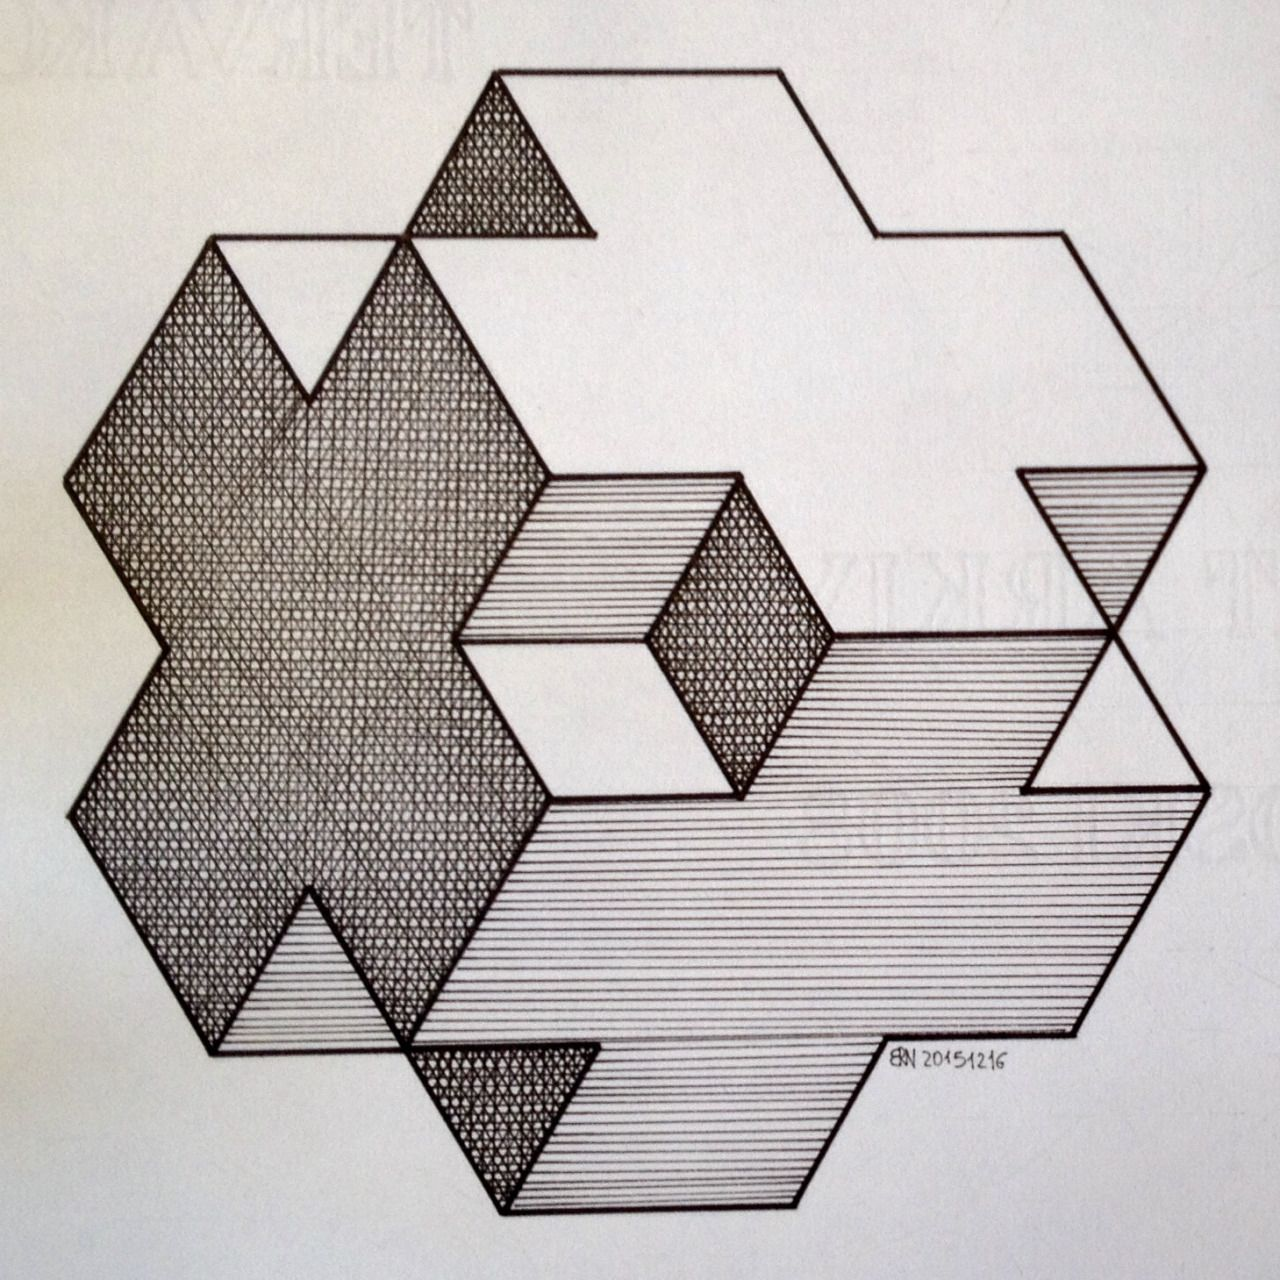 Рисунок кубиками и треугольниками